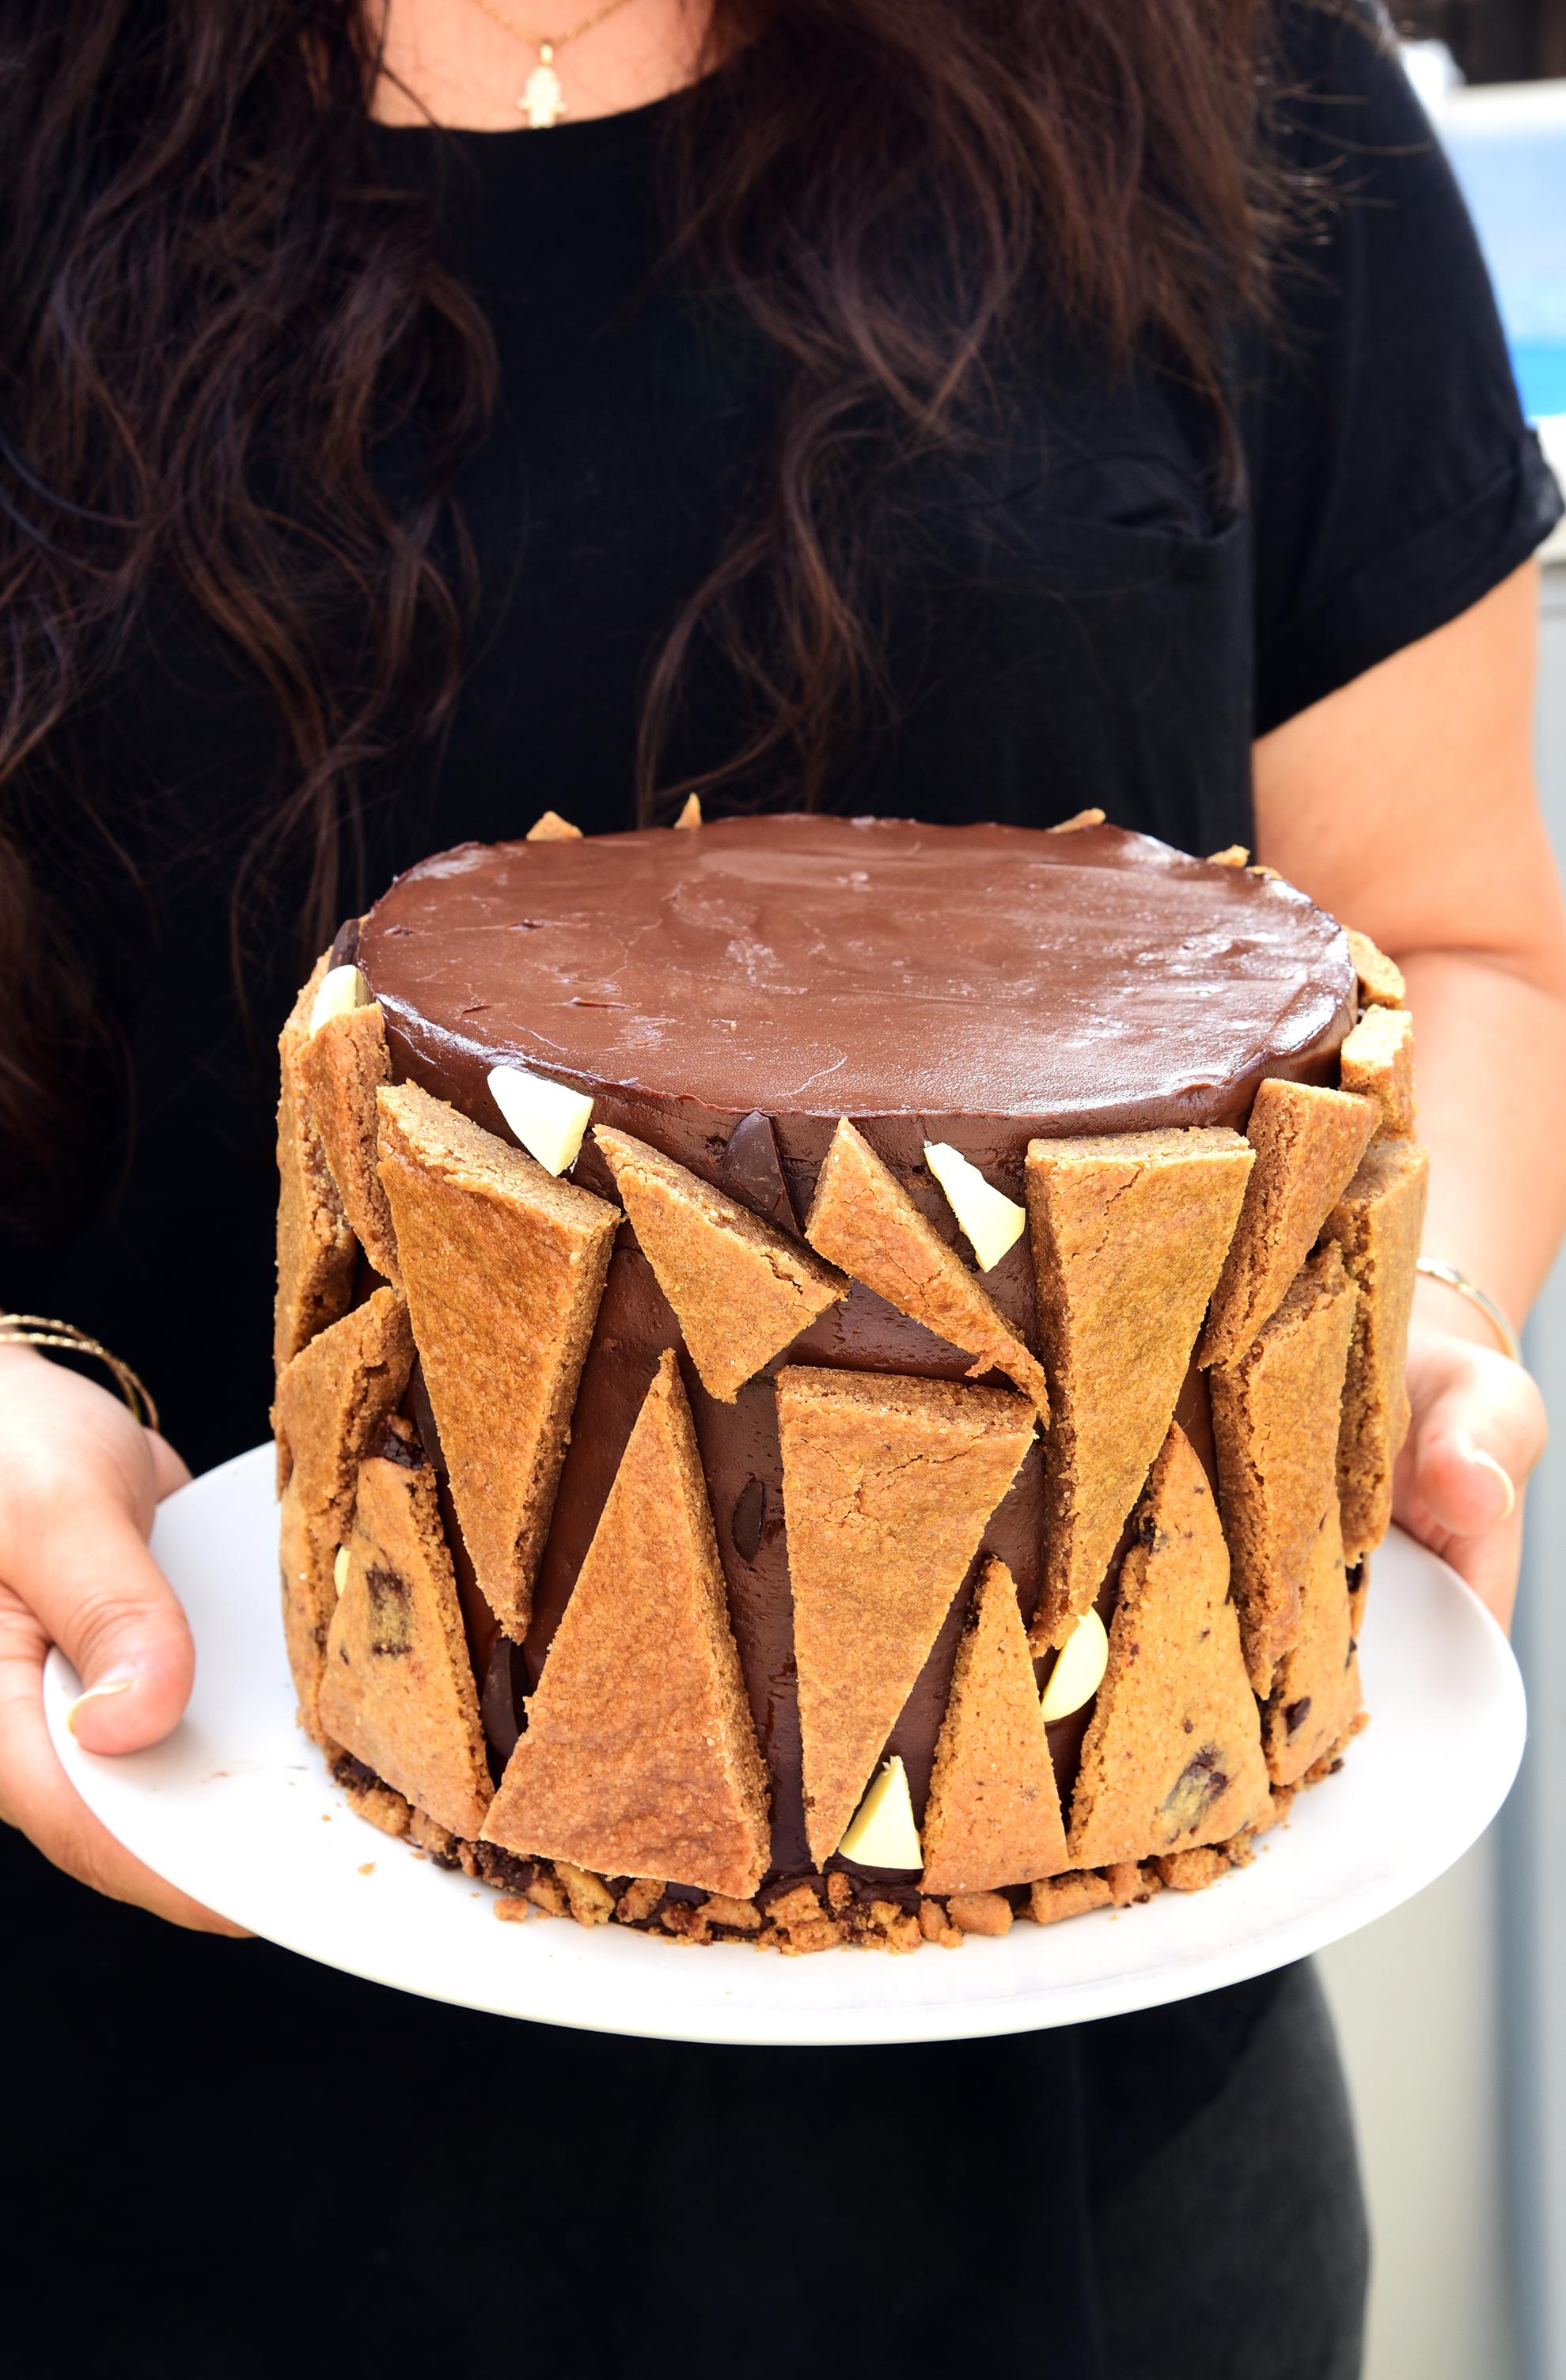 עוגת שכבות שוקולד, עוגיות שוקולד צ'יפ, בלונדיז וקרם שוקולד